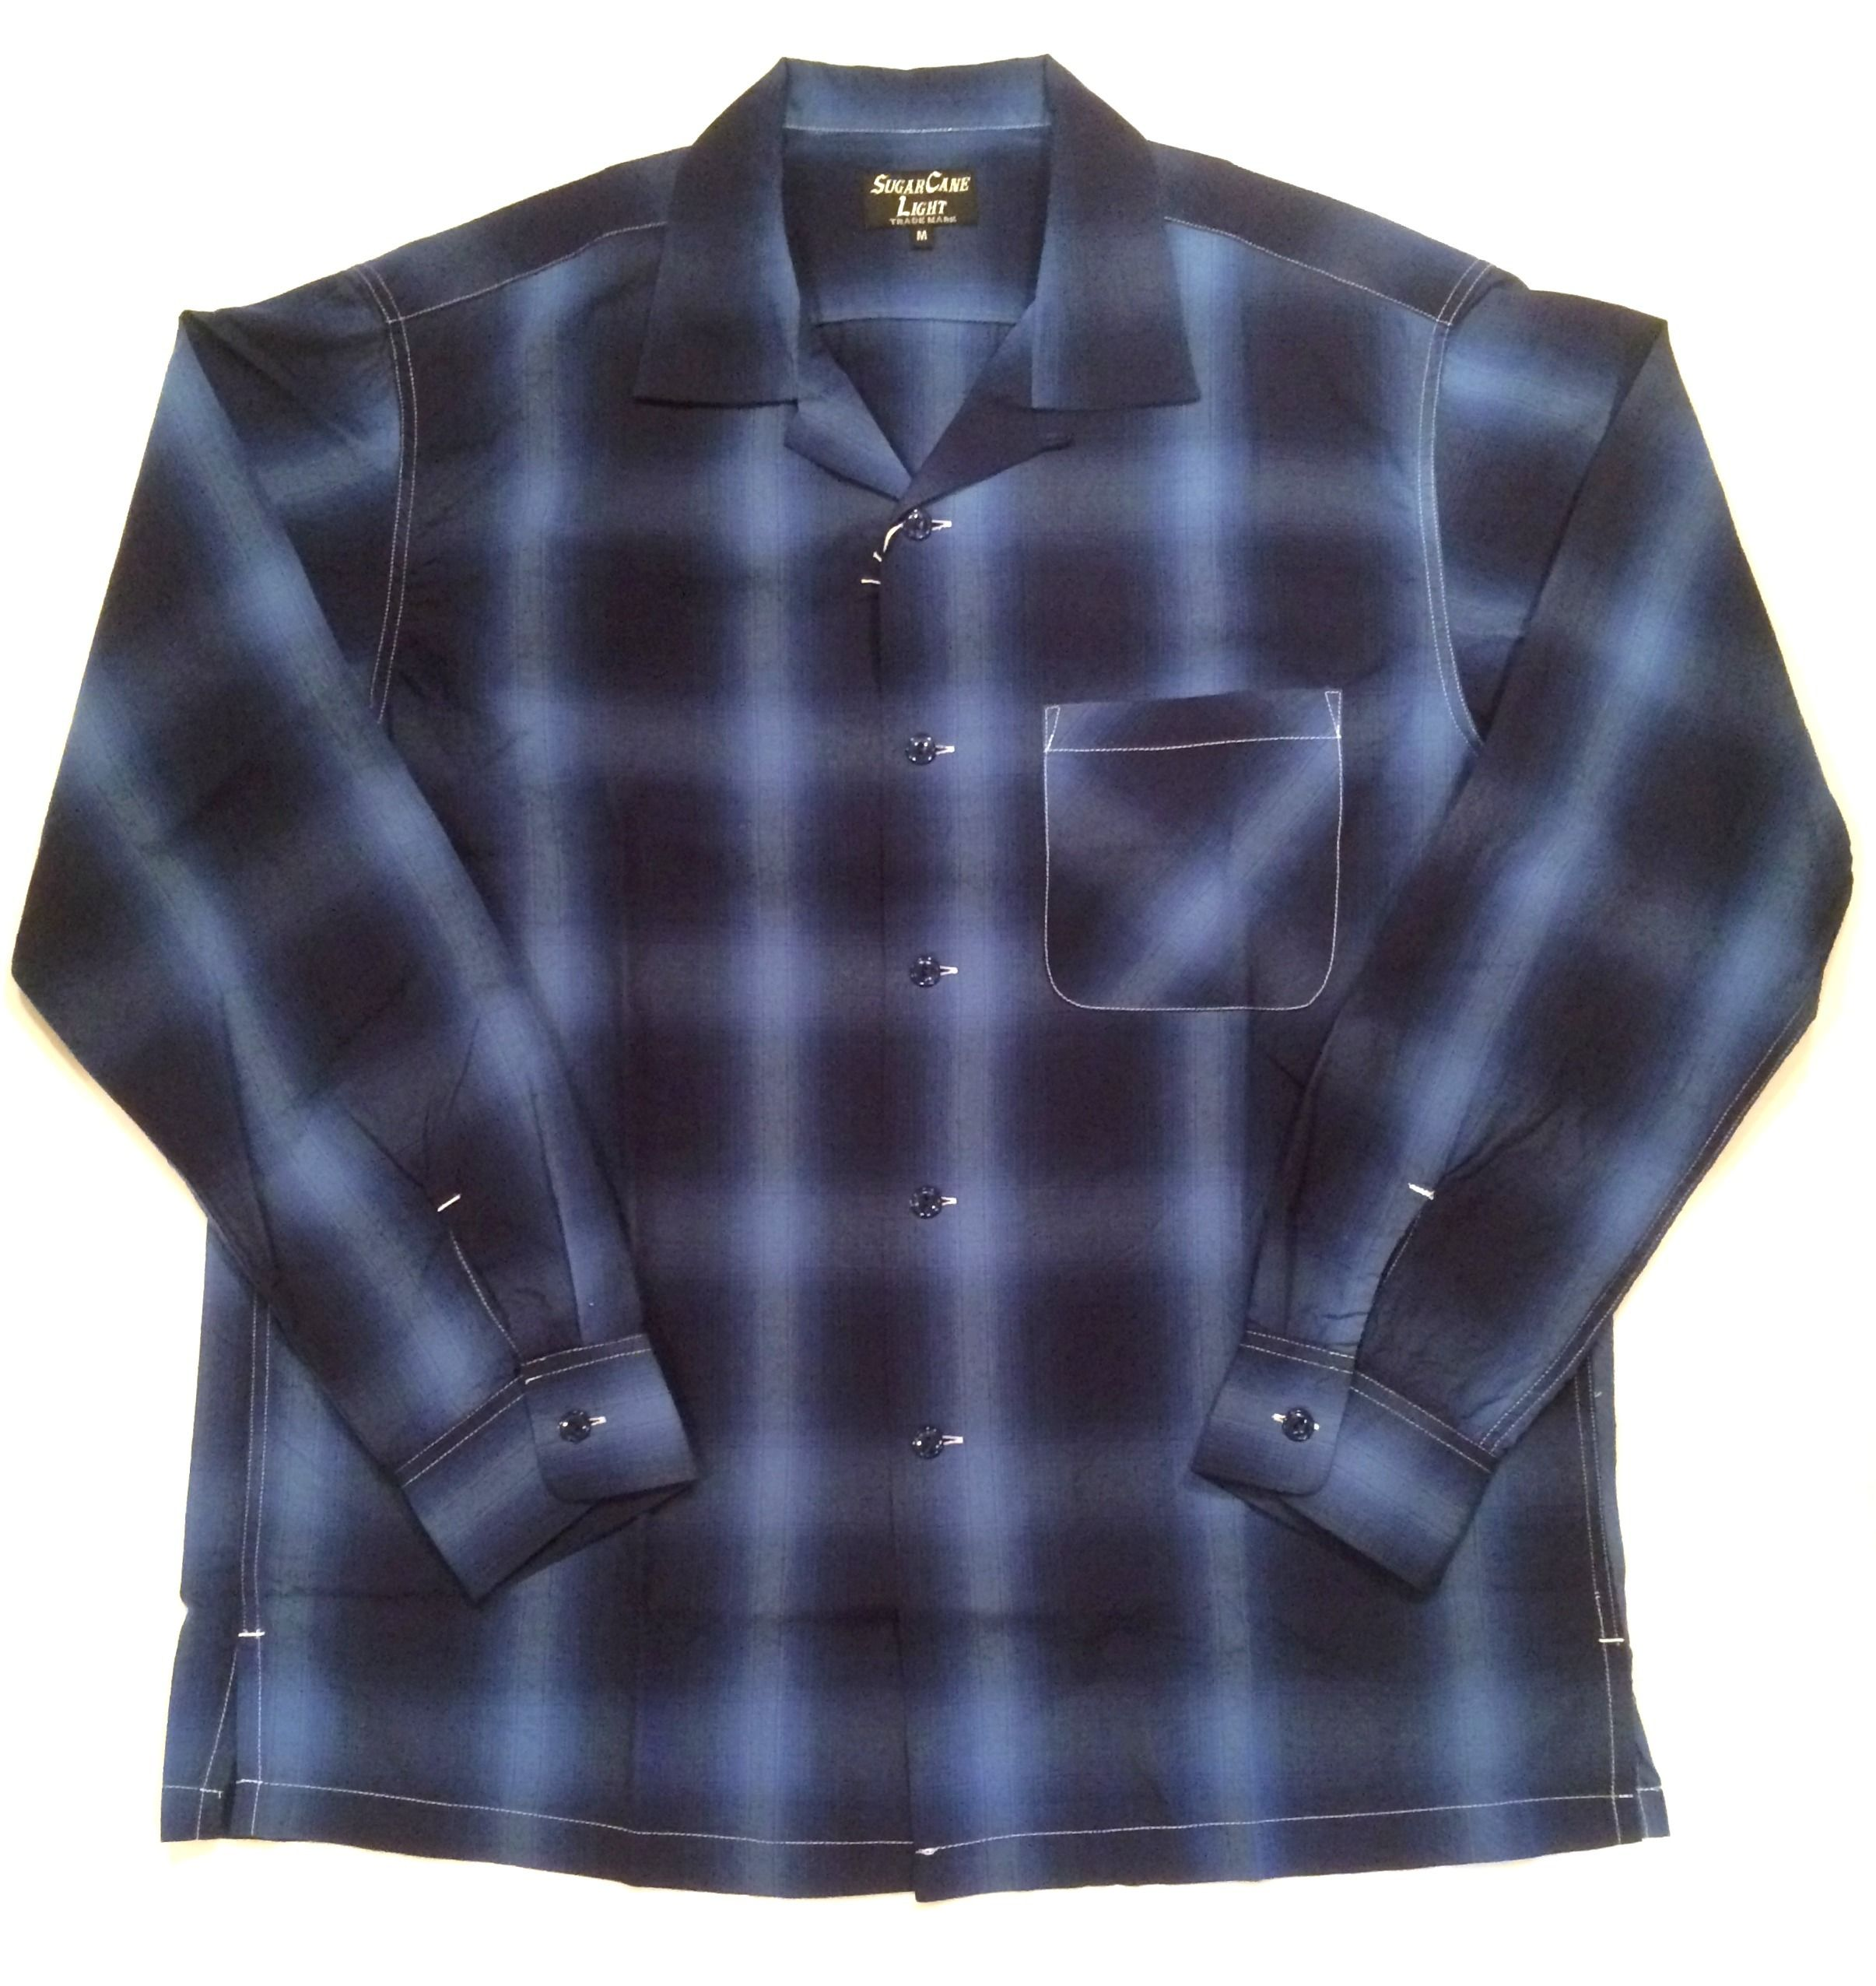 SUGAR CANE LIGHT シュガーケーン ライト Rayon ombray check Open Shirt レーヨンオンブレイチェックシャツ SC27829 ネイビー